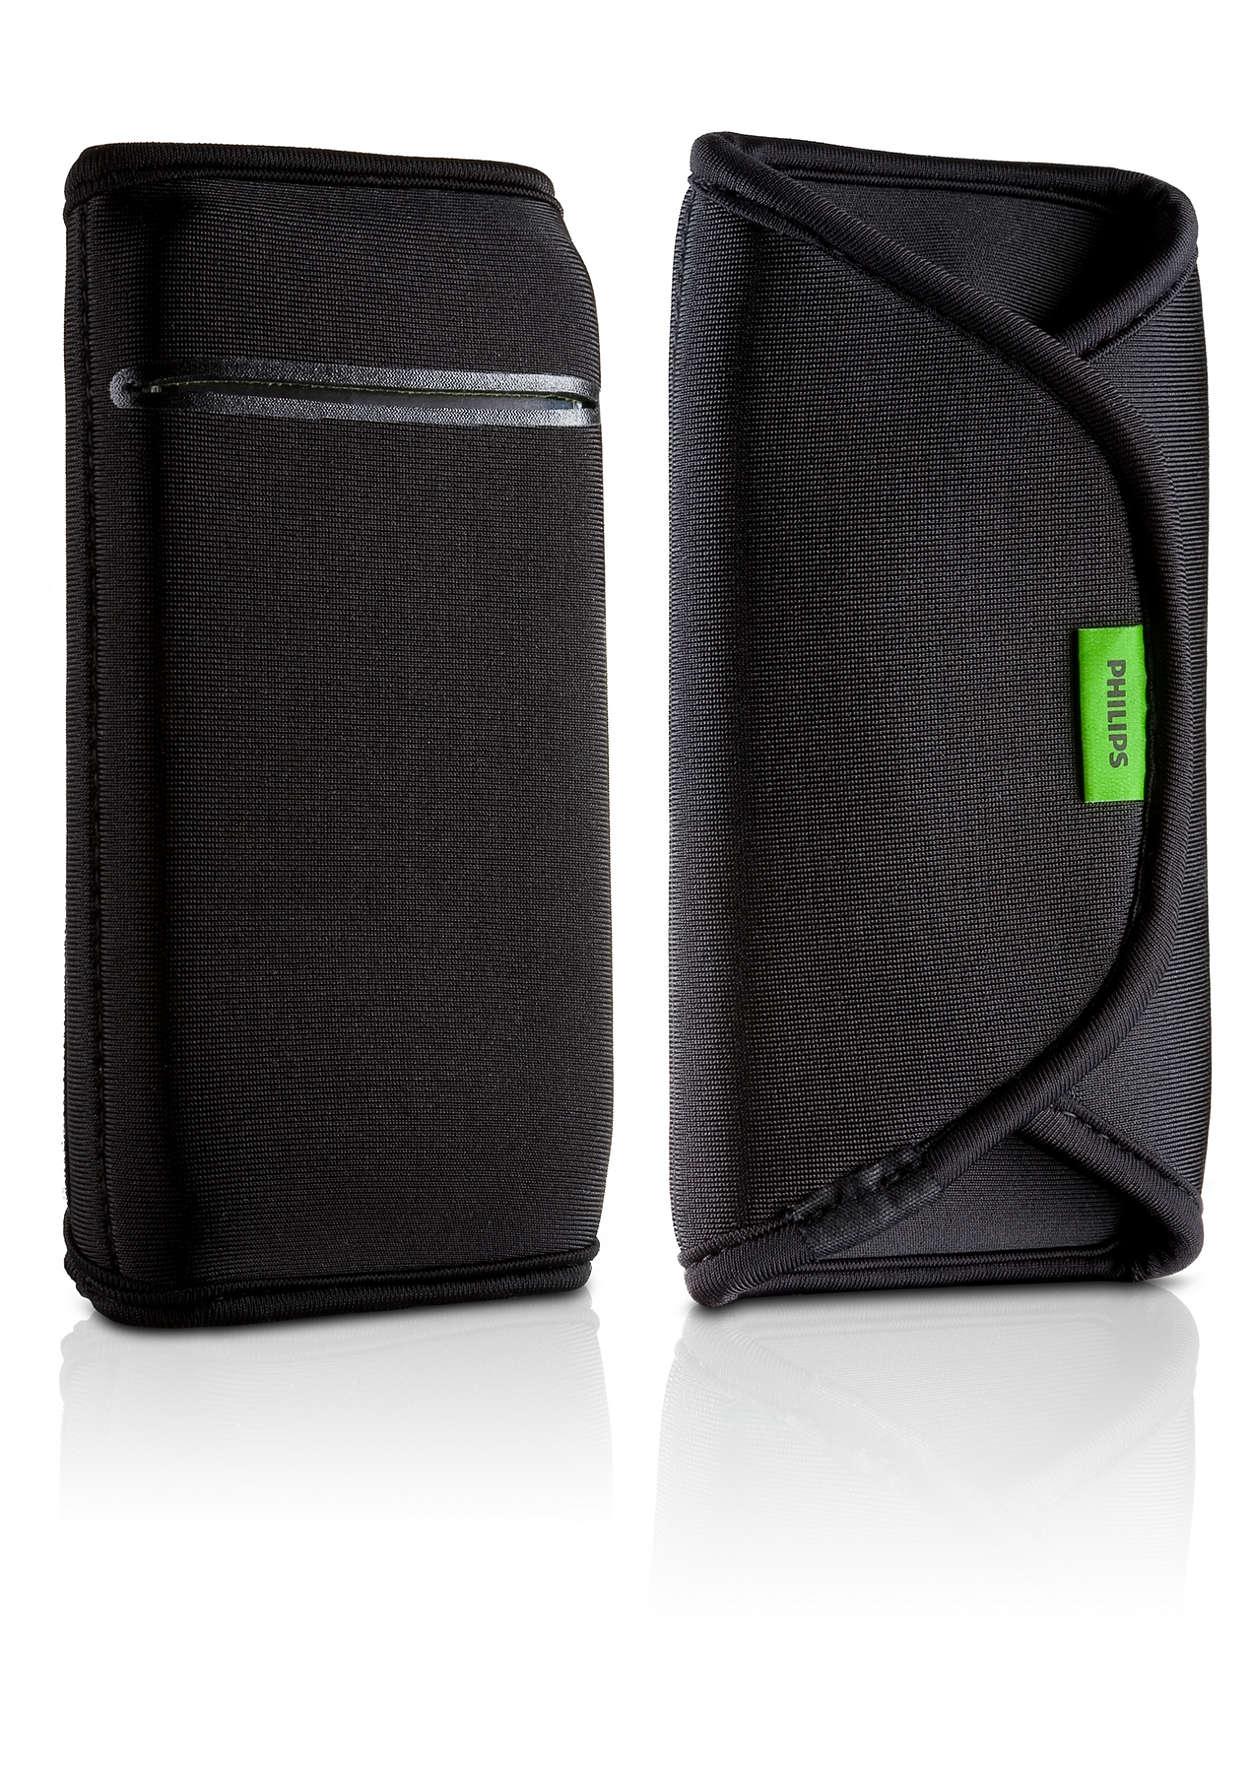 Optimale bescherming voor uw mobiele apparaat